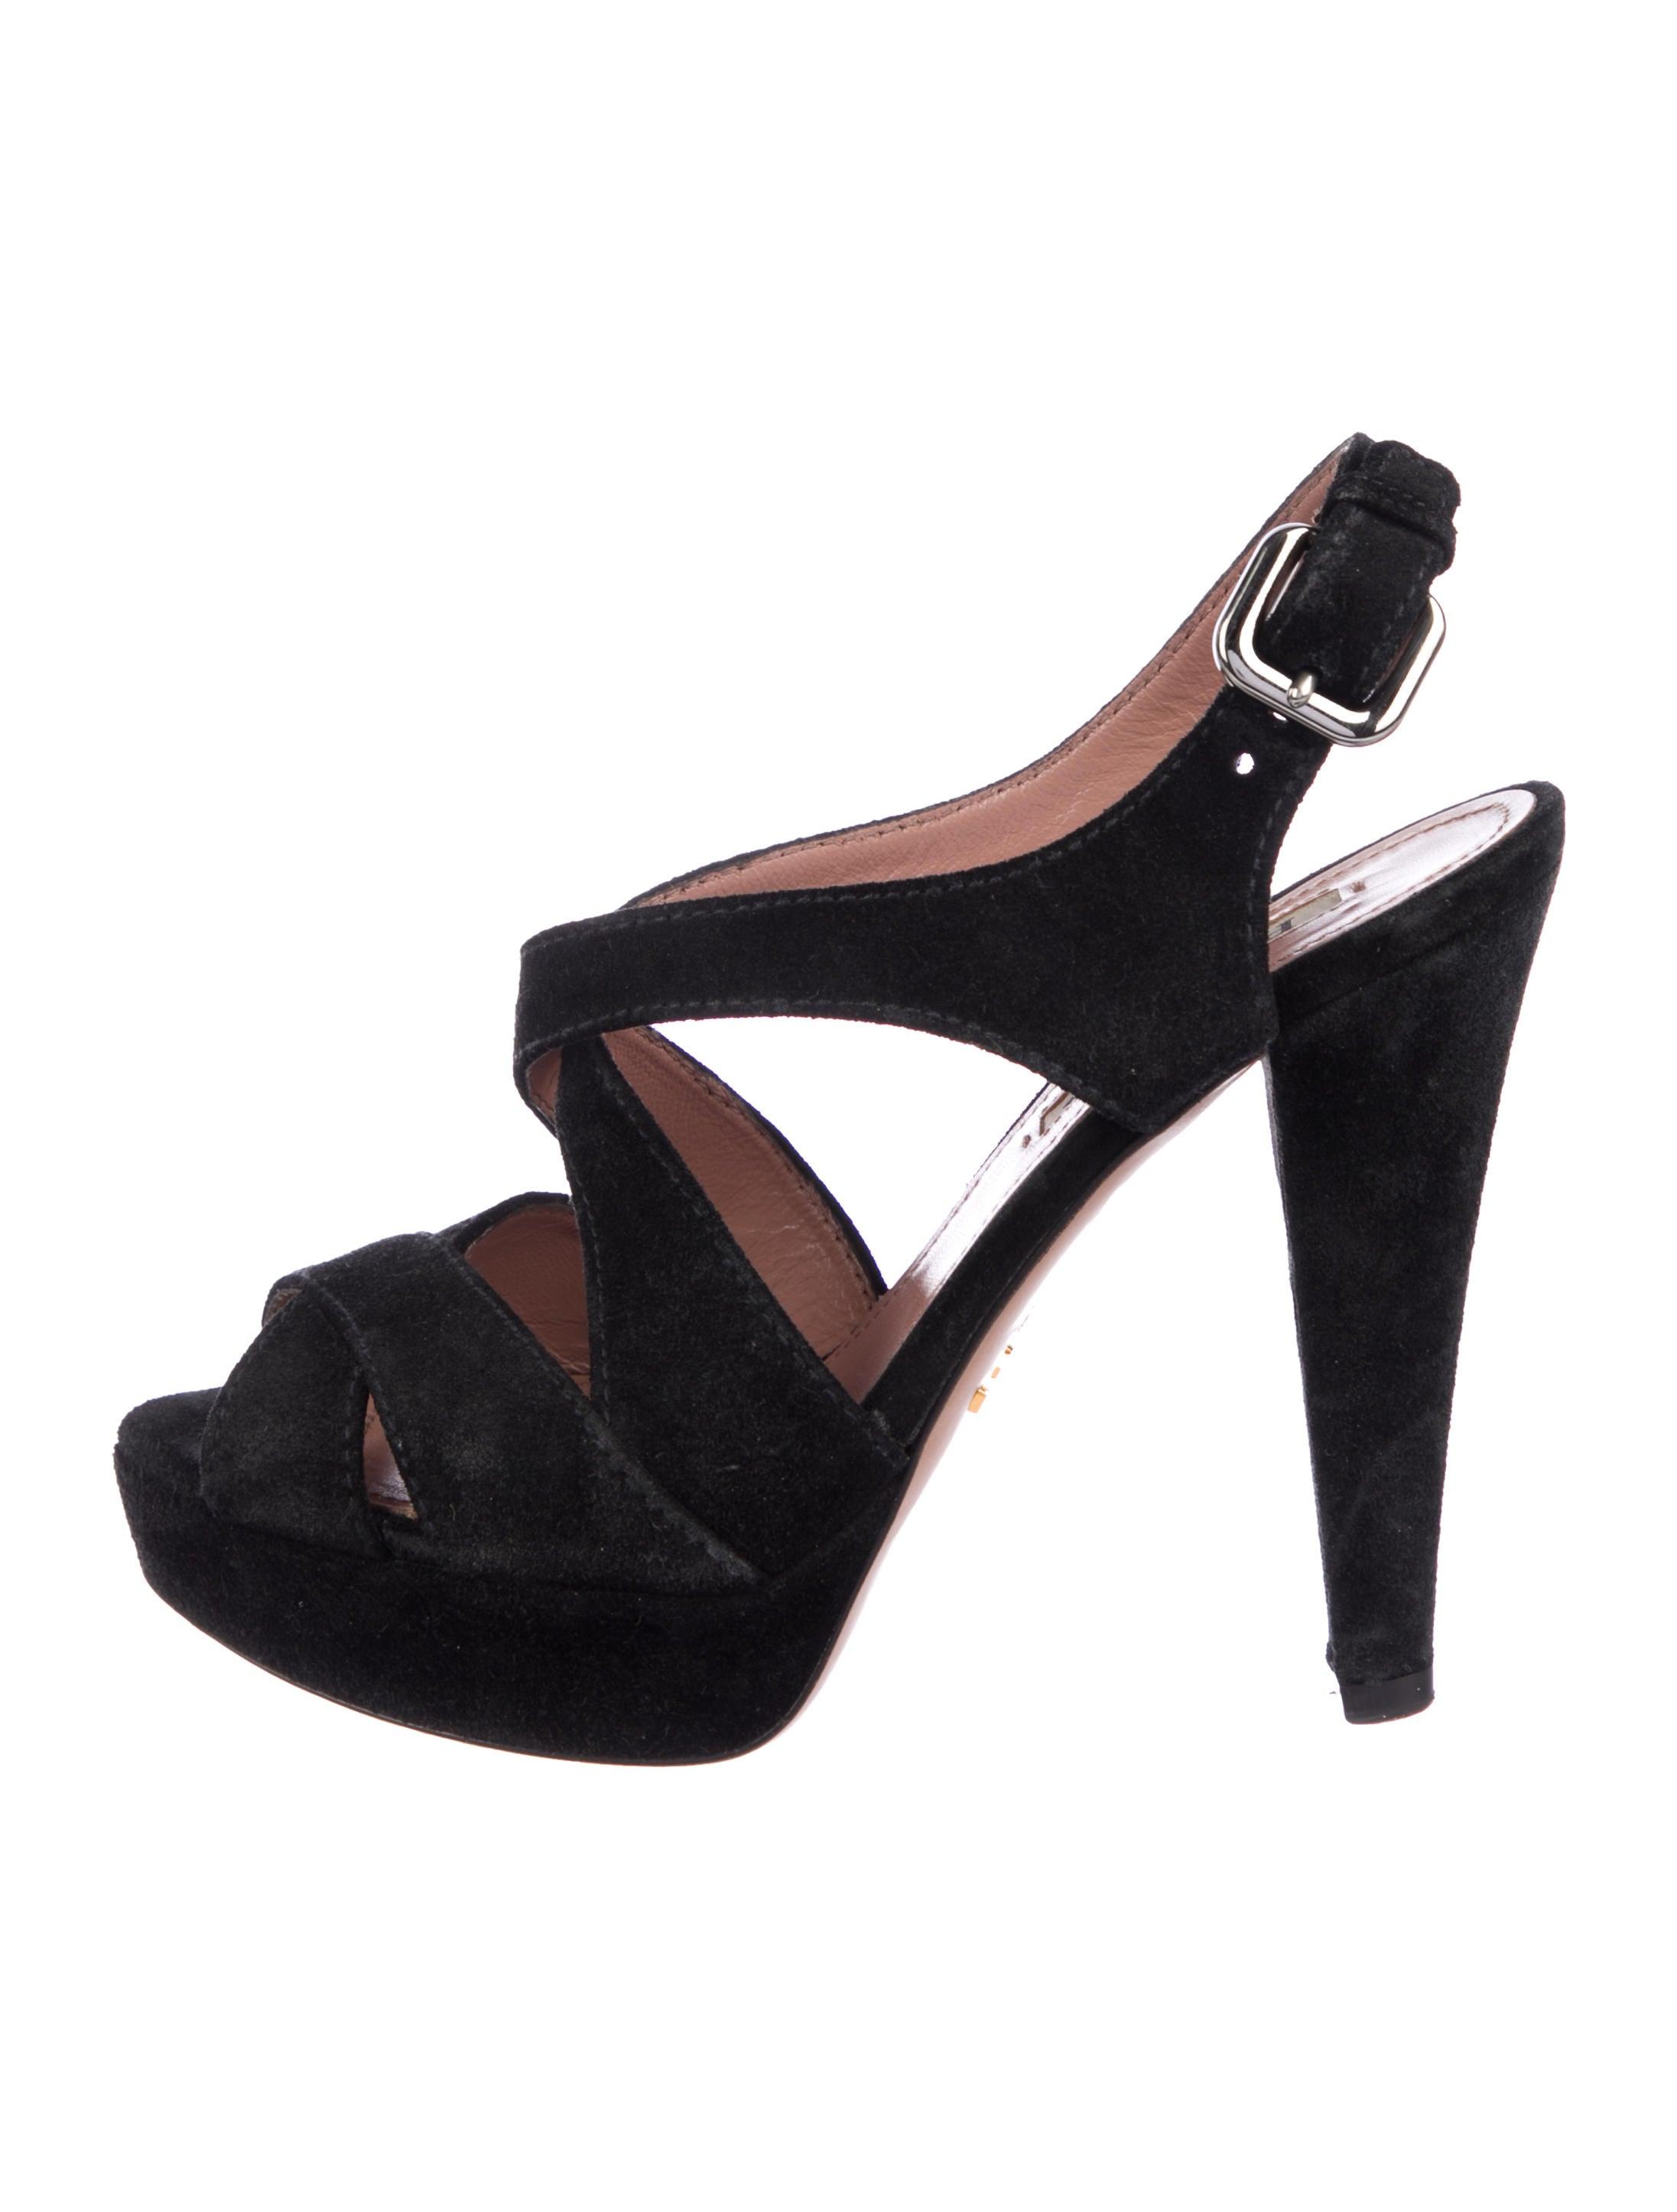 43da1f84d2e Prada Crossover Platform Sandals - Shoes - PRA239990